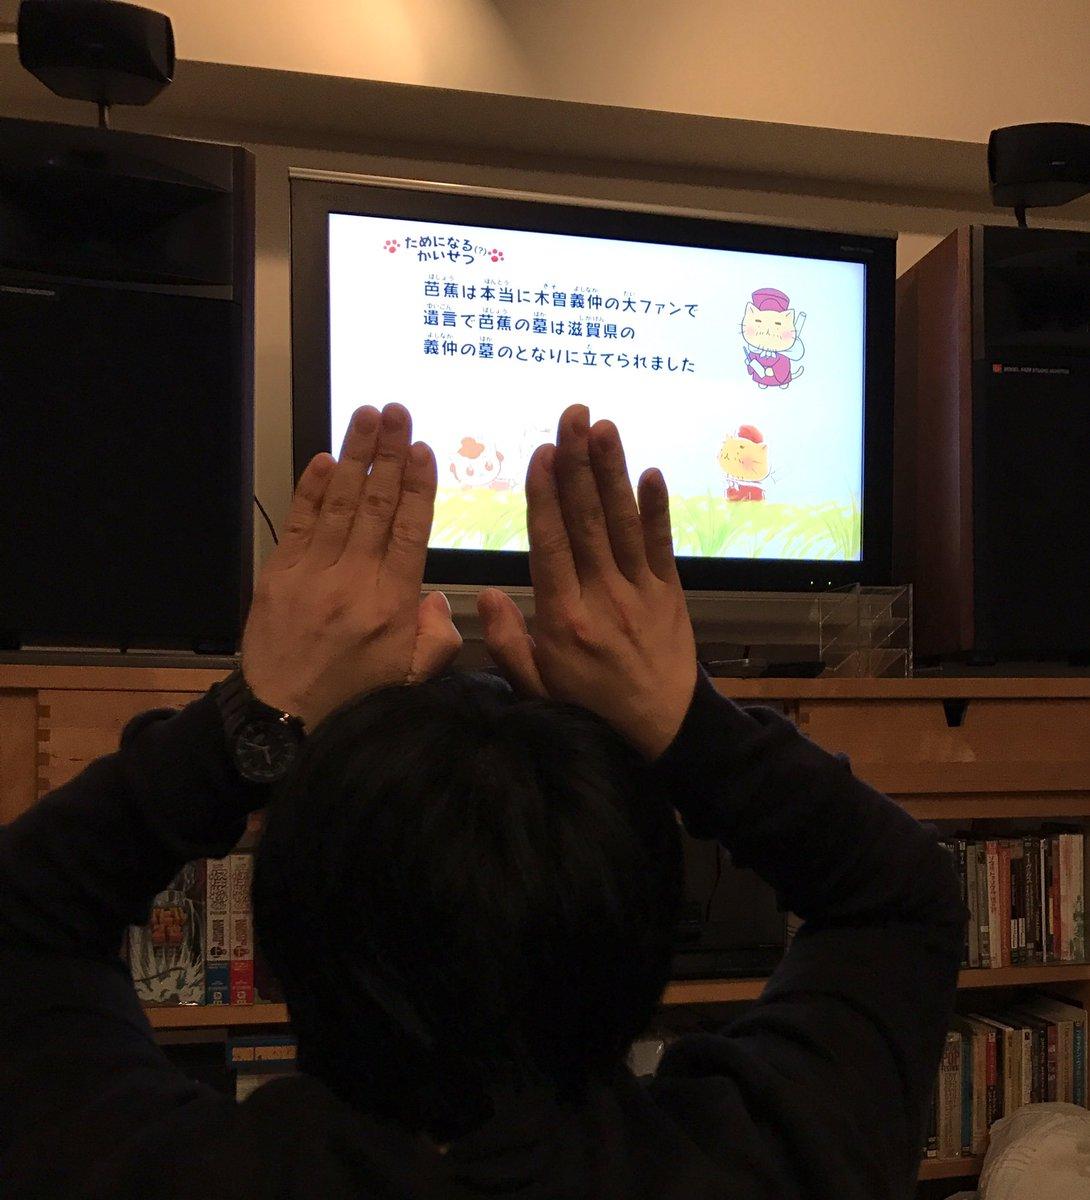 不定期日記#ねこねこ日本史 今日はリアタイしました〜松尾芭蕉、可愛いかったっす。